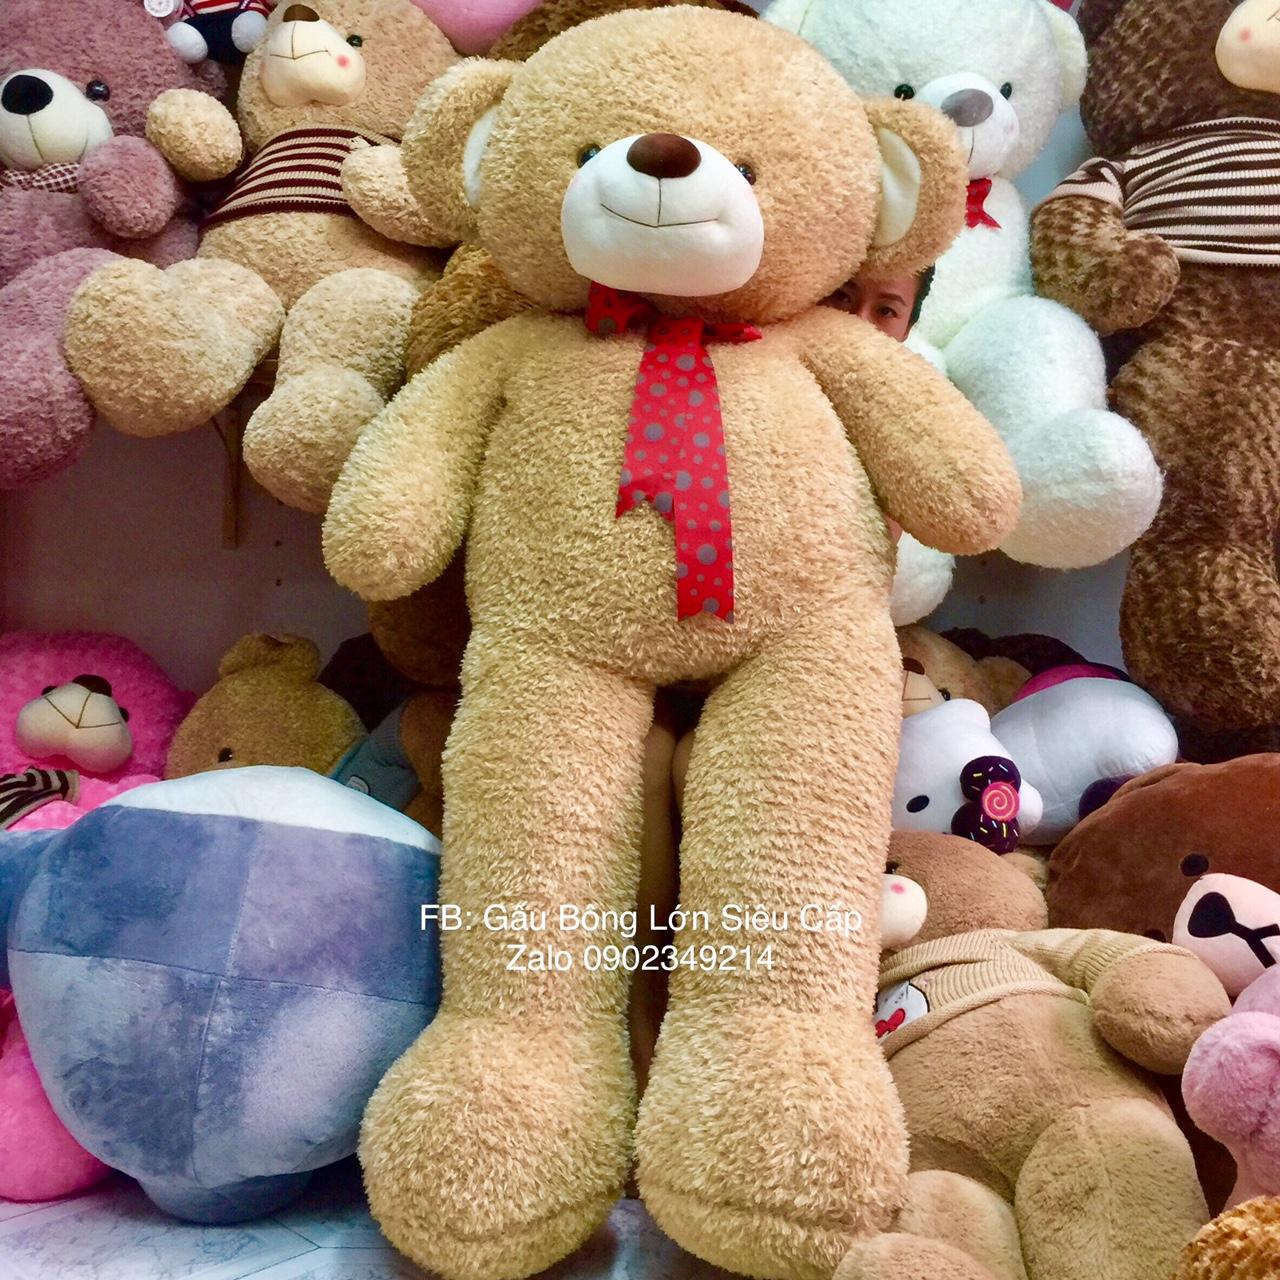 Gấu Teddy Be lông xù HQ 1m8